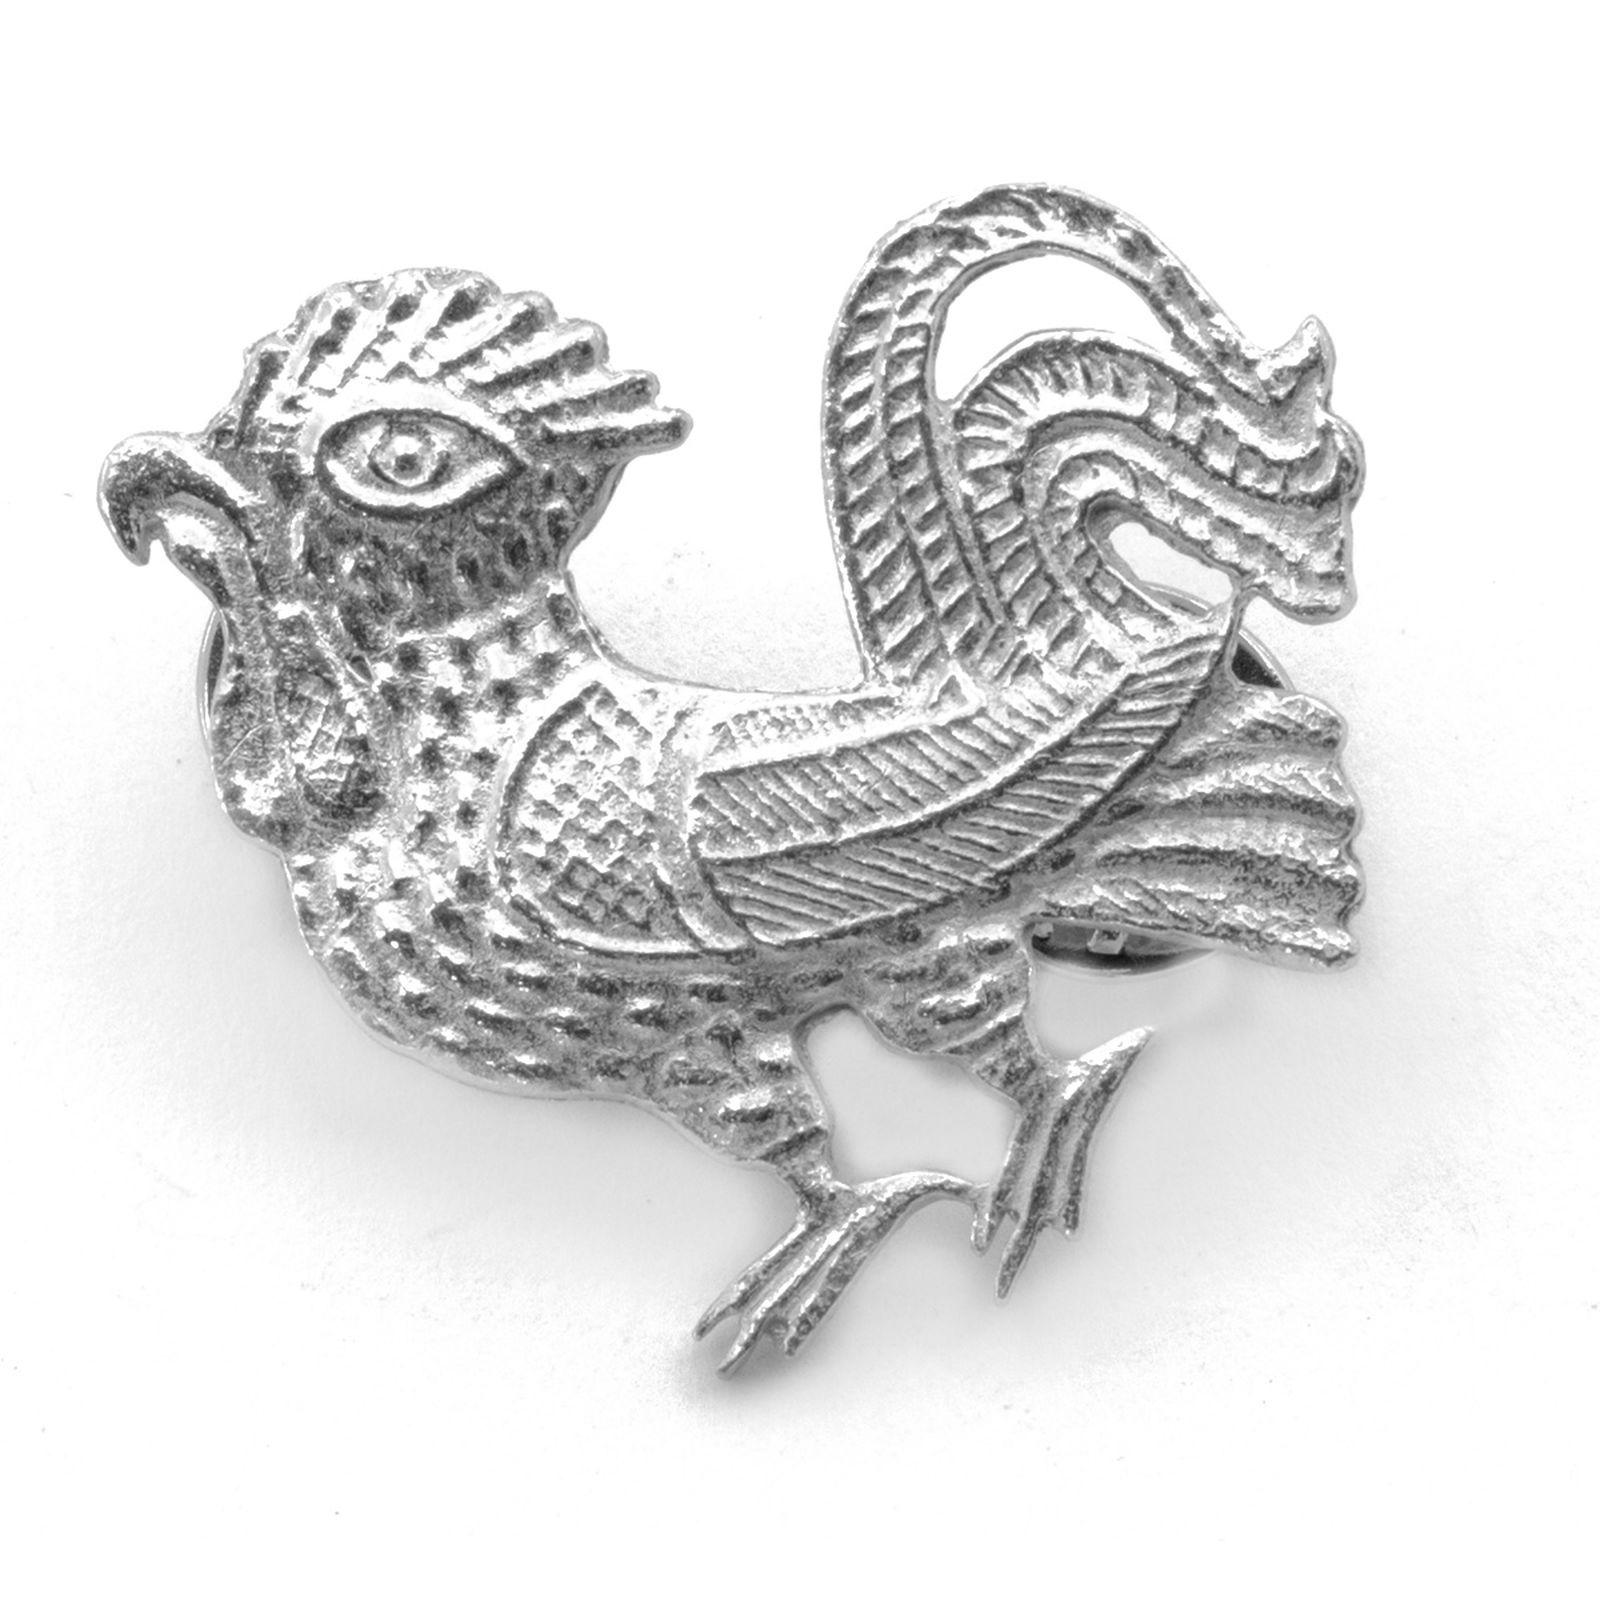 Kukkopoika tinapinssi 1350-1400 luvulta tinaa